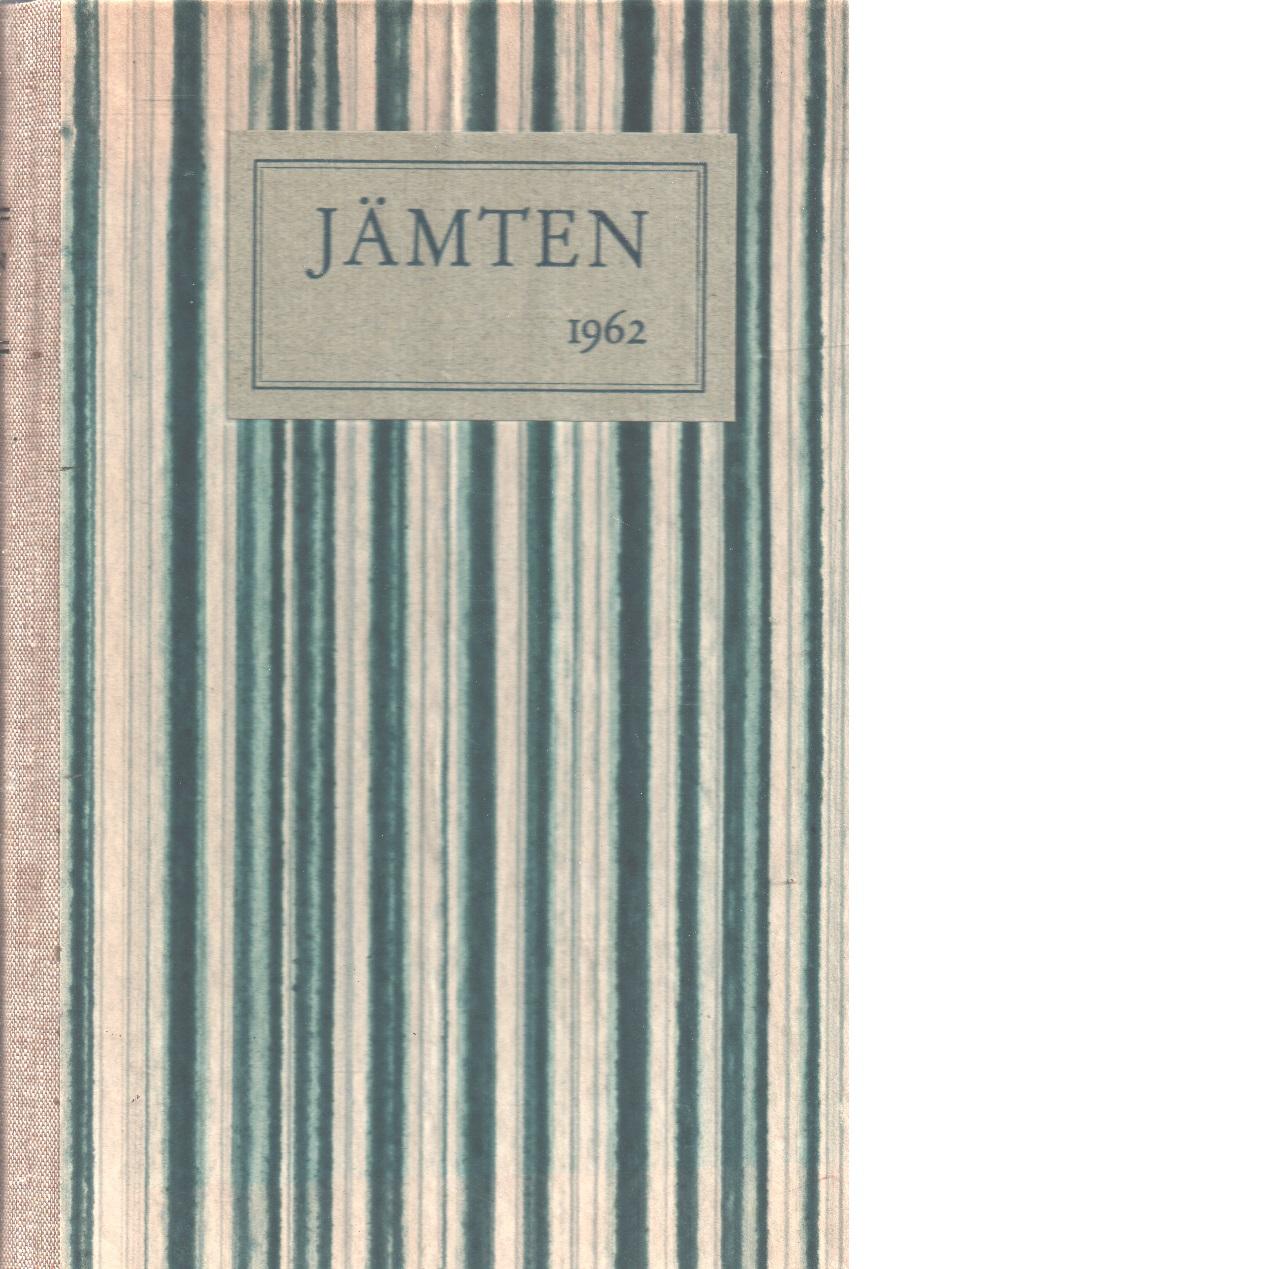 Jämten 1962 - Björkquist, Lennart